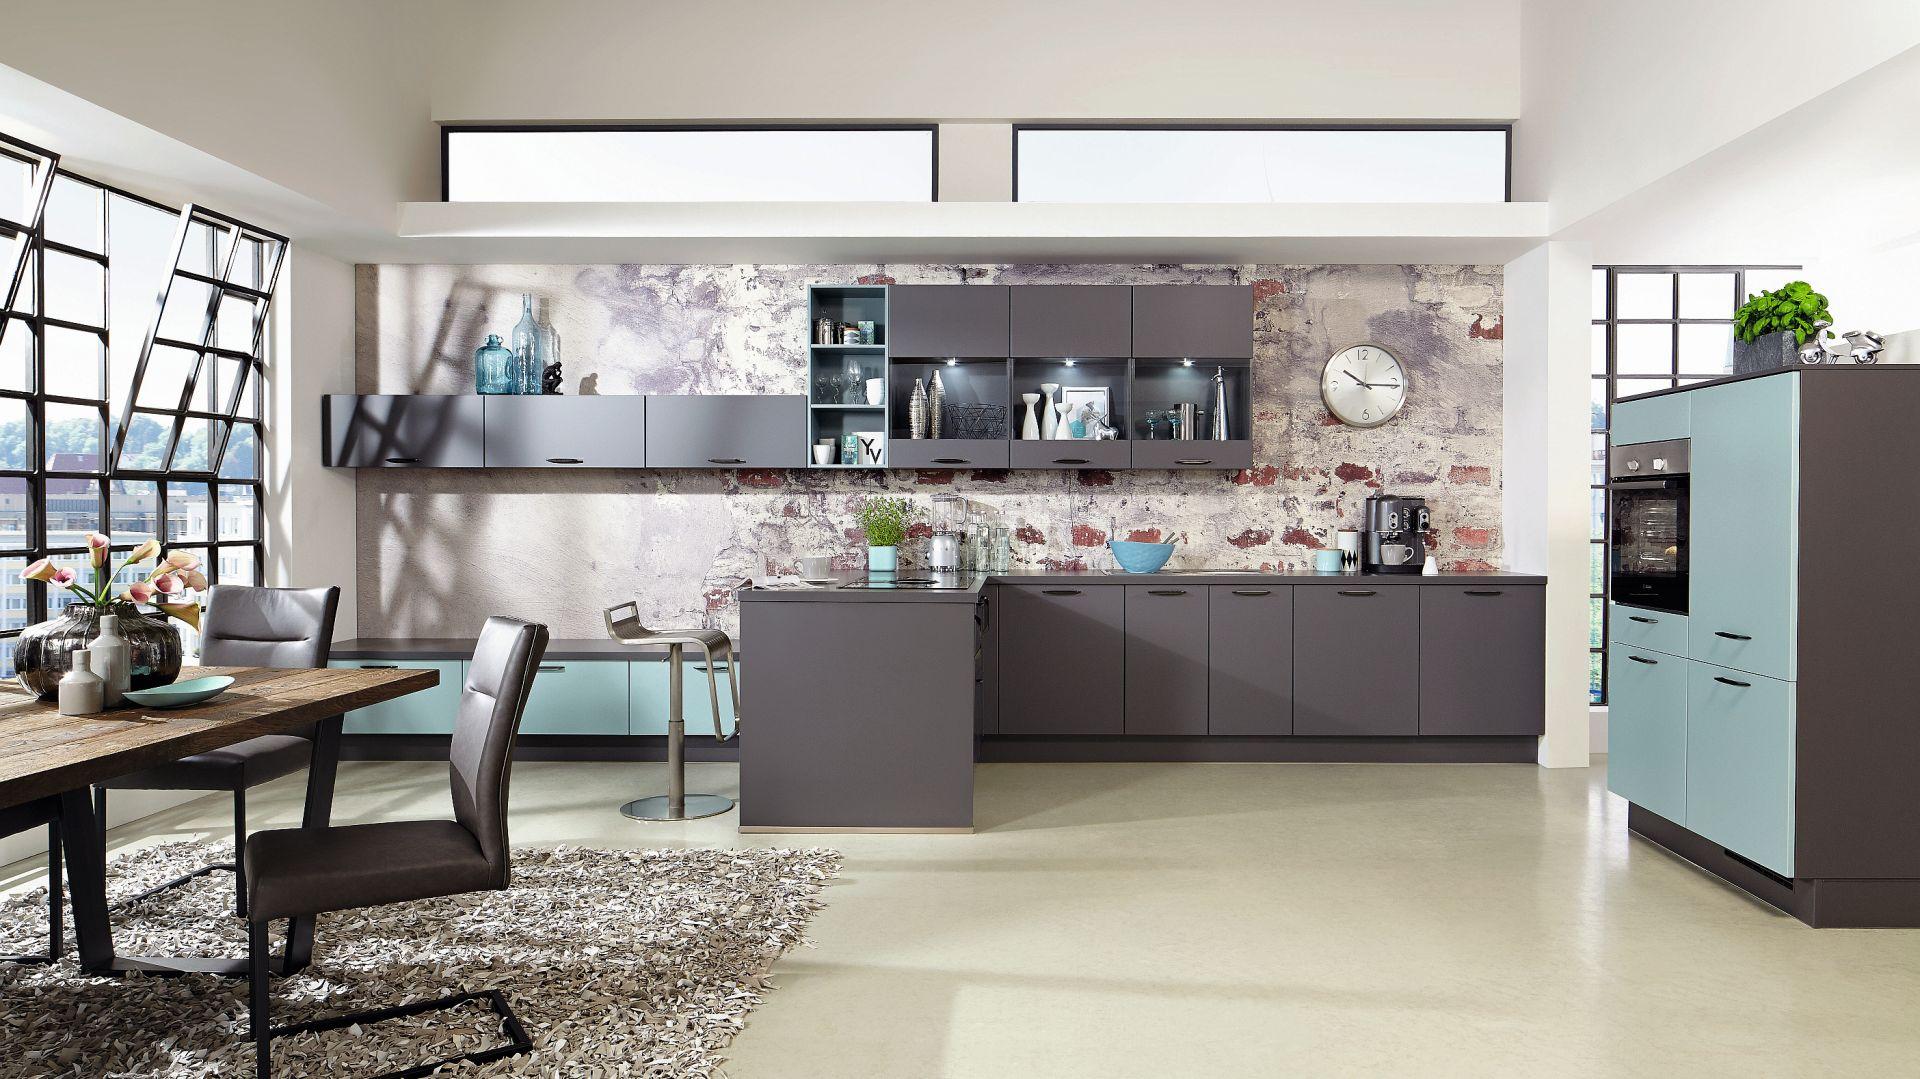 Touch 334 - kuchnia w nowoczesnym laminacie o matowym wykończeniu, który jest odporny na zabrudzenie i uszkodzenia. Fot. Verle Küchen